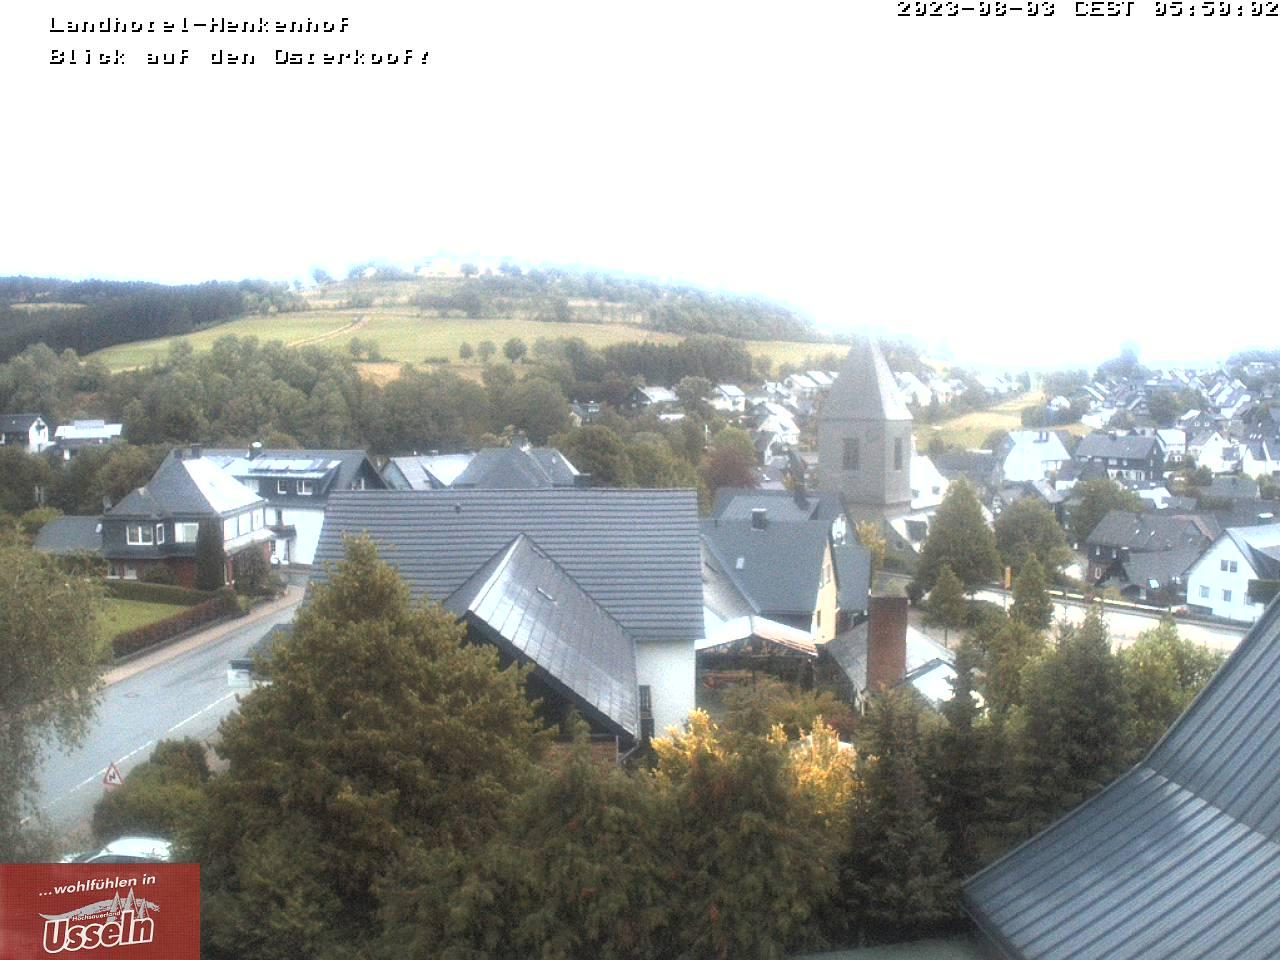 Willingen-Usseln - Webcam 1